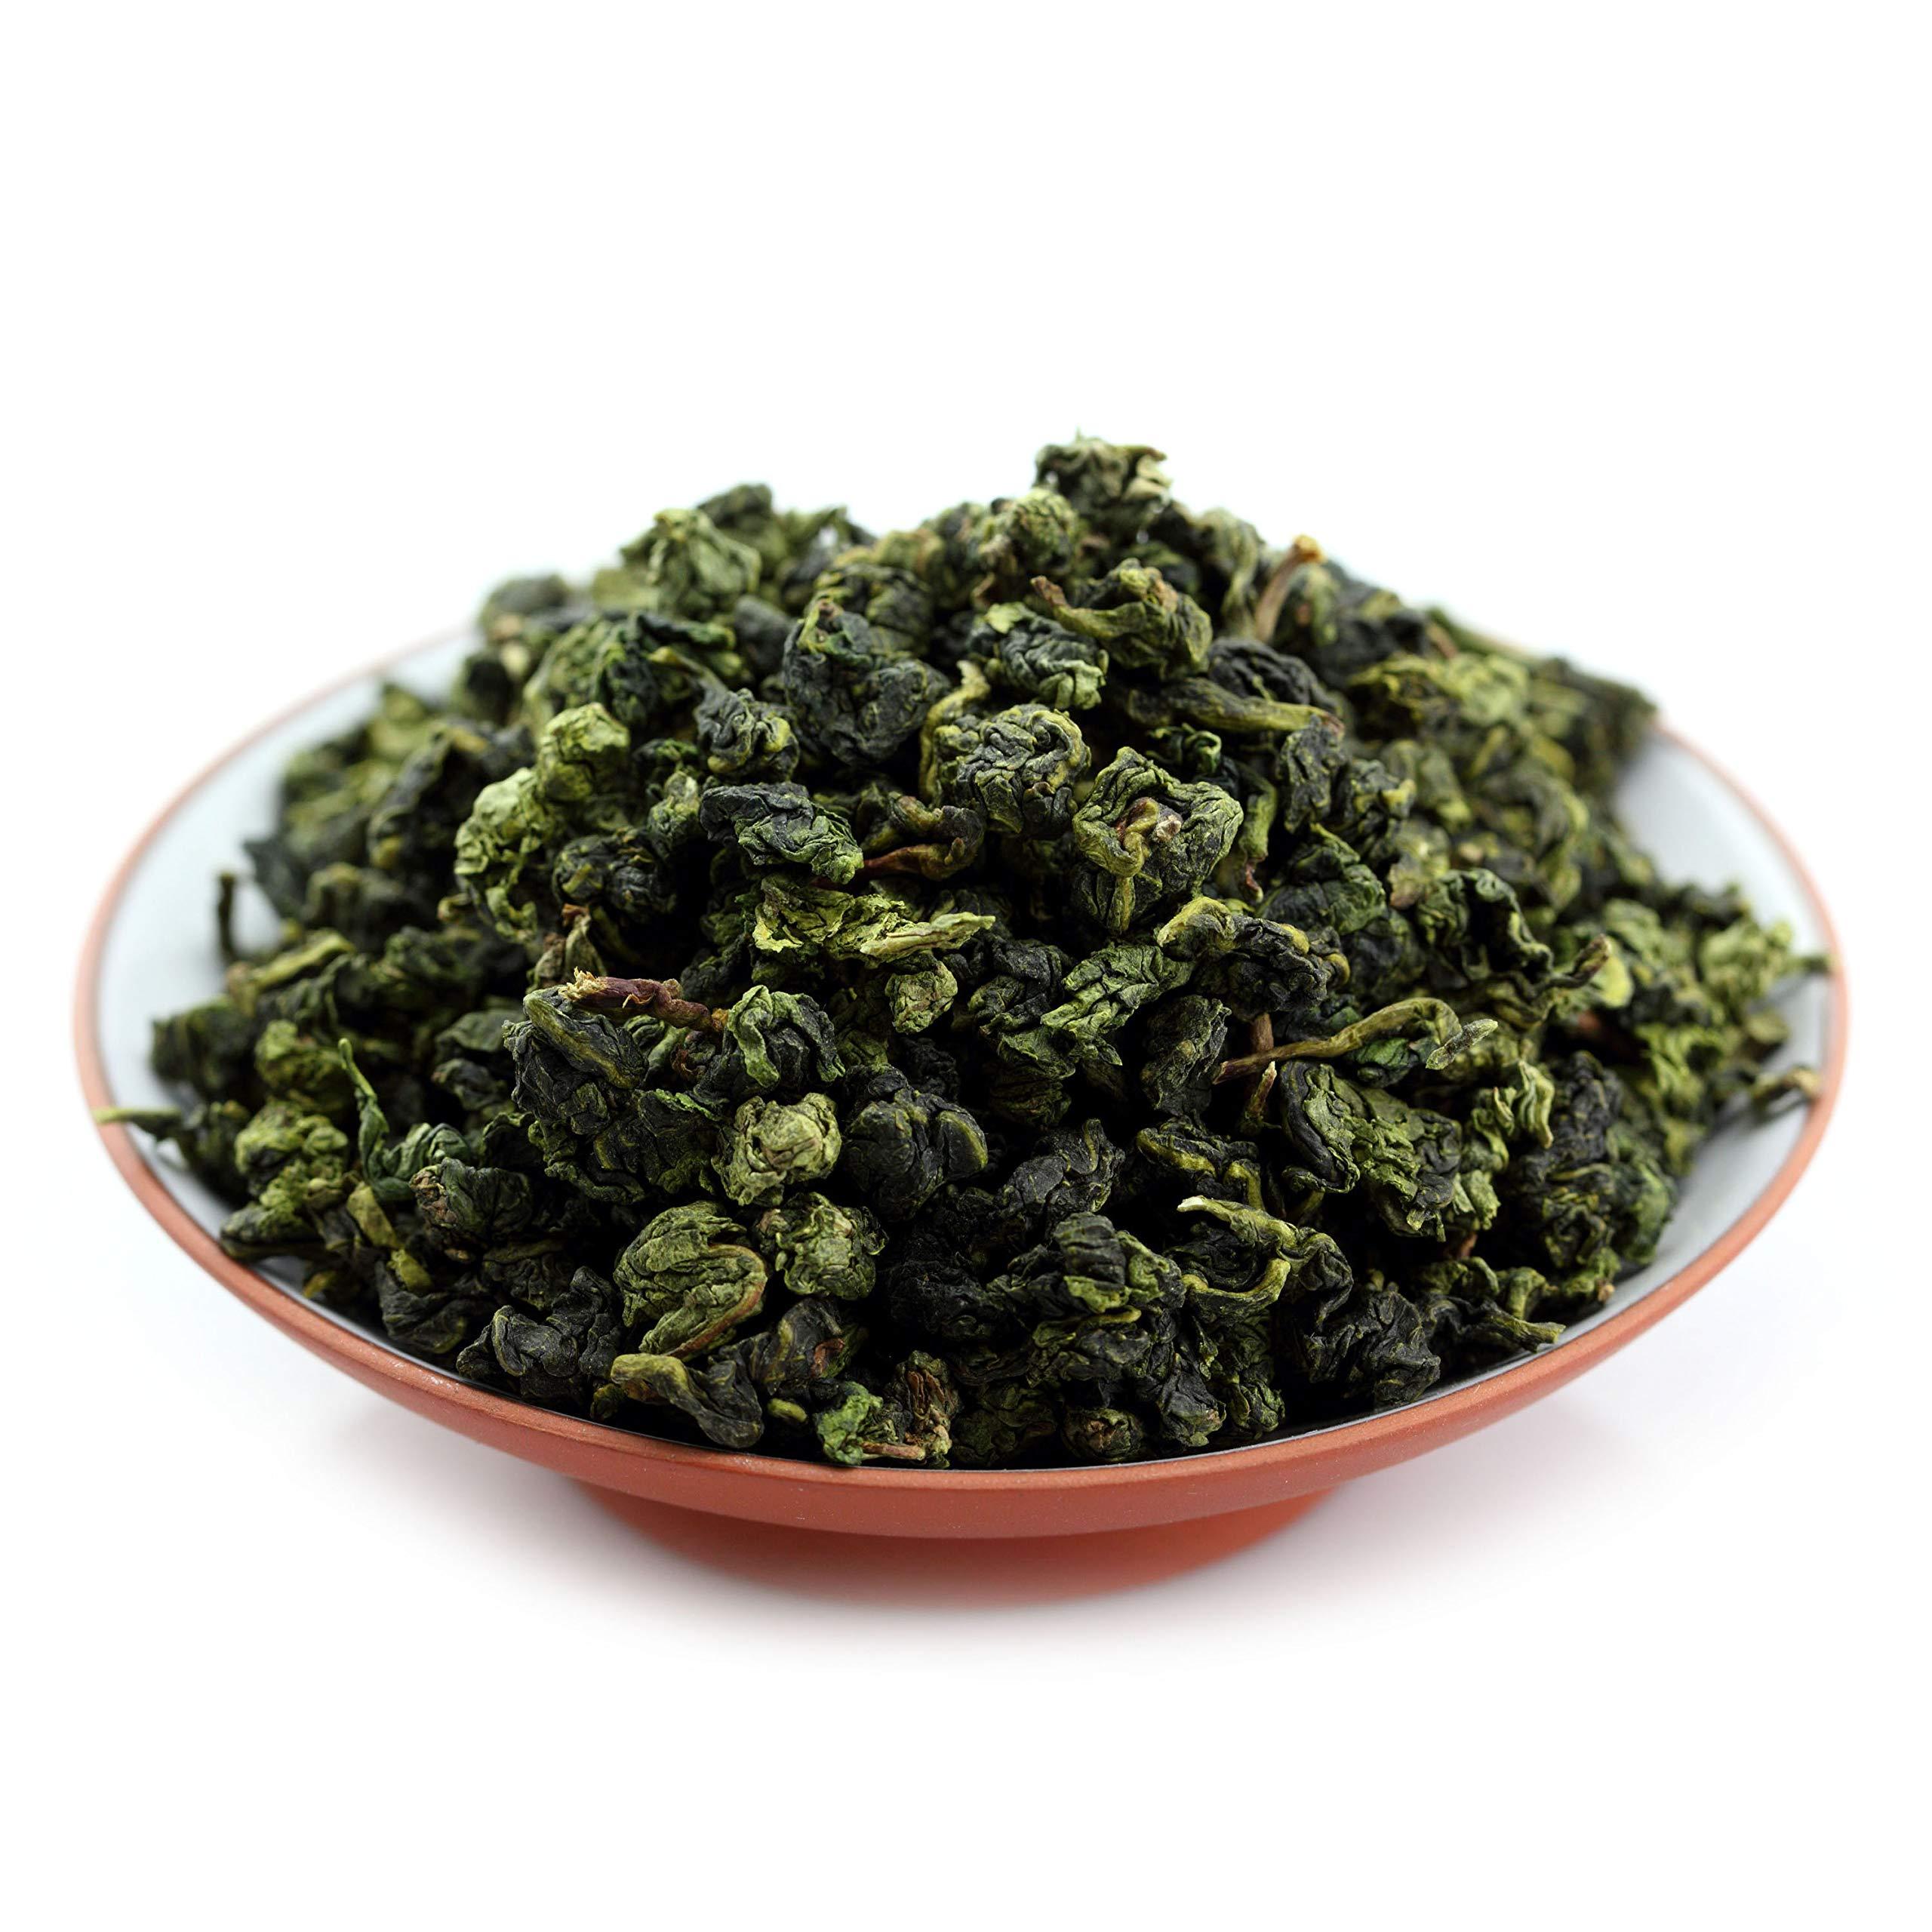 GOARTEA 1000g (35.2 Oz) Organic Fujian Anxi Tie Guan Yin Tieguanyin Iron Goddess Chinese Oolong Tea